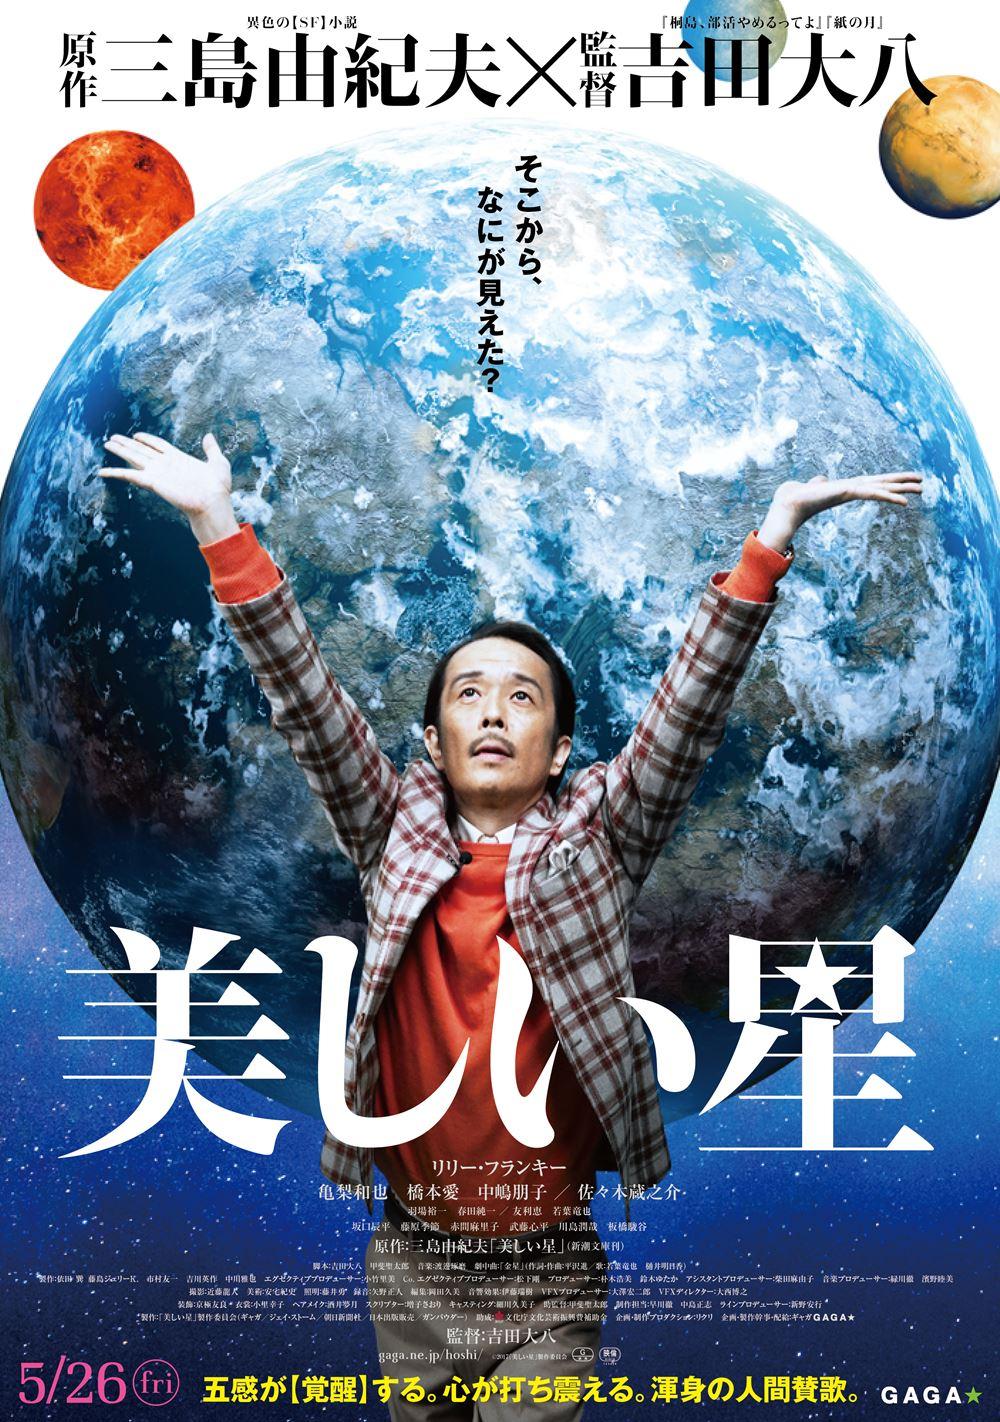 朝井リョウ、篠山紀信、筒井康隆・・・『美しい星』新感覚に絶賛コメント続々到着